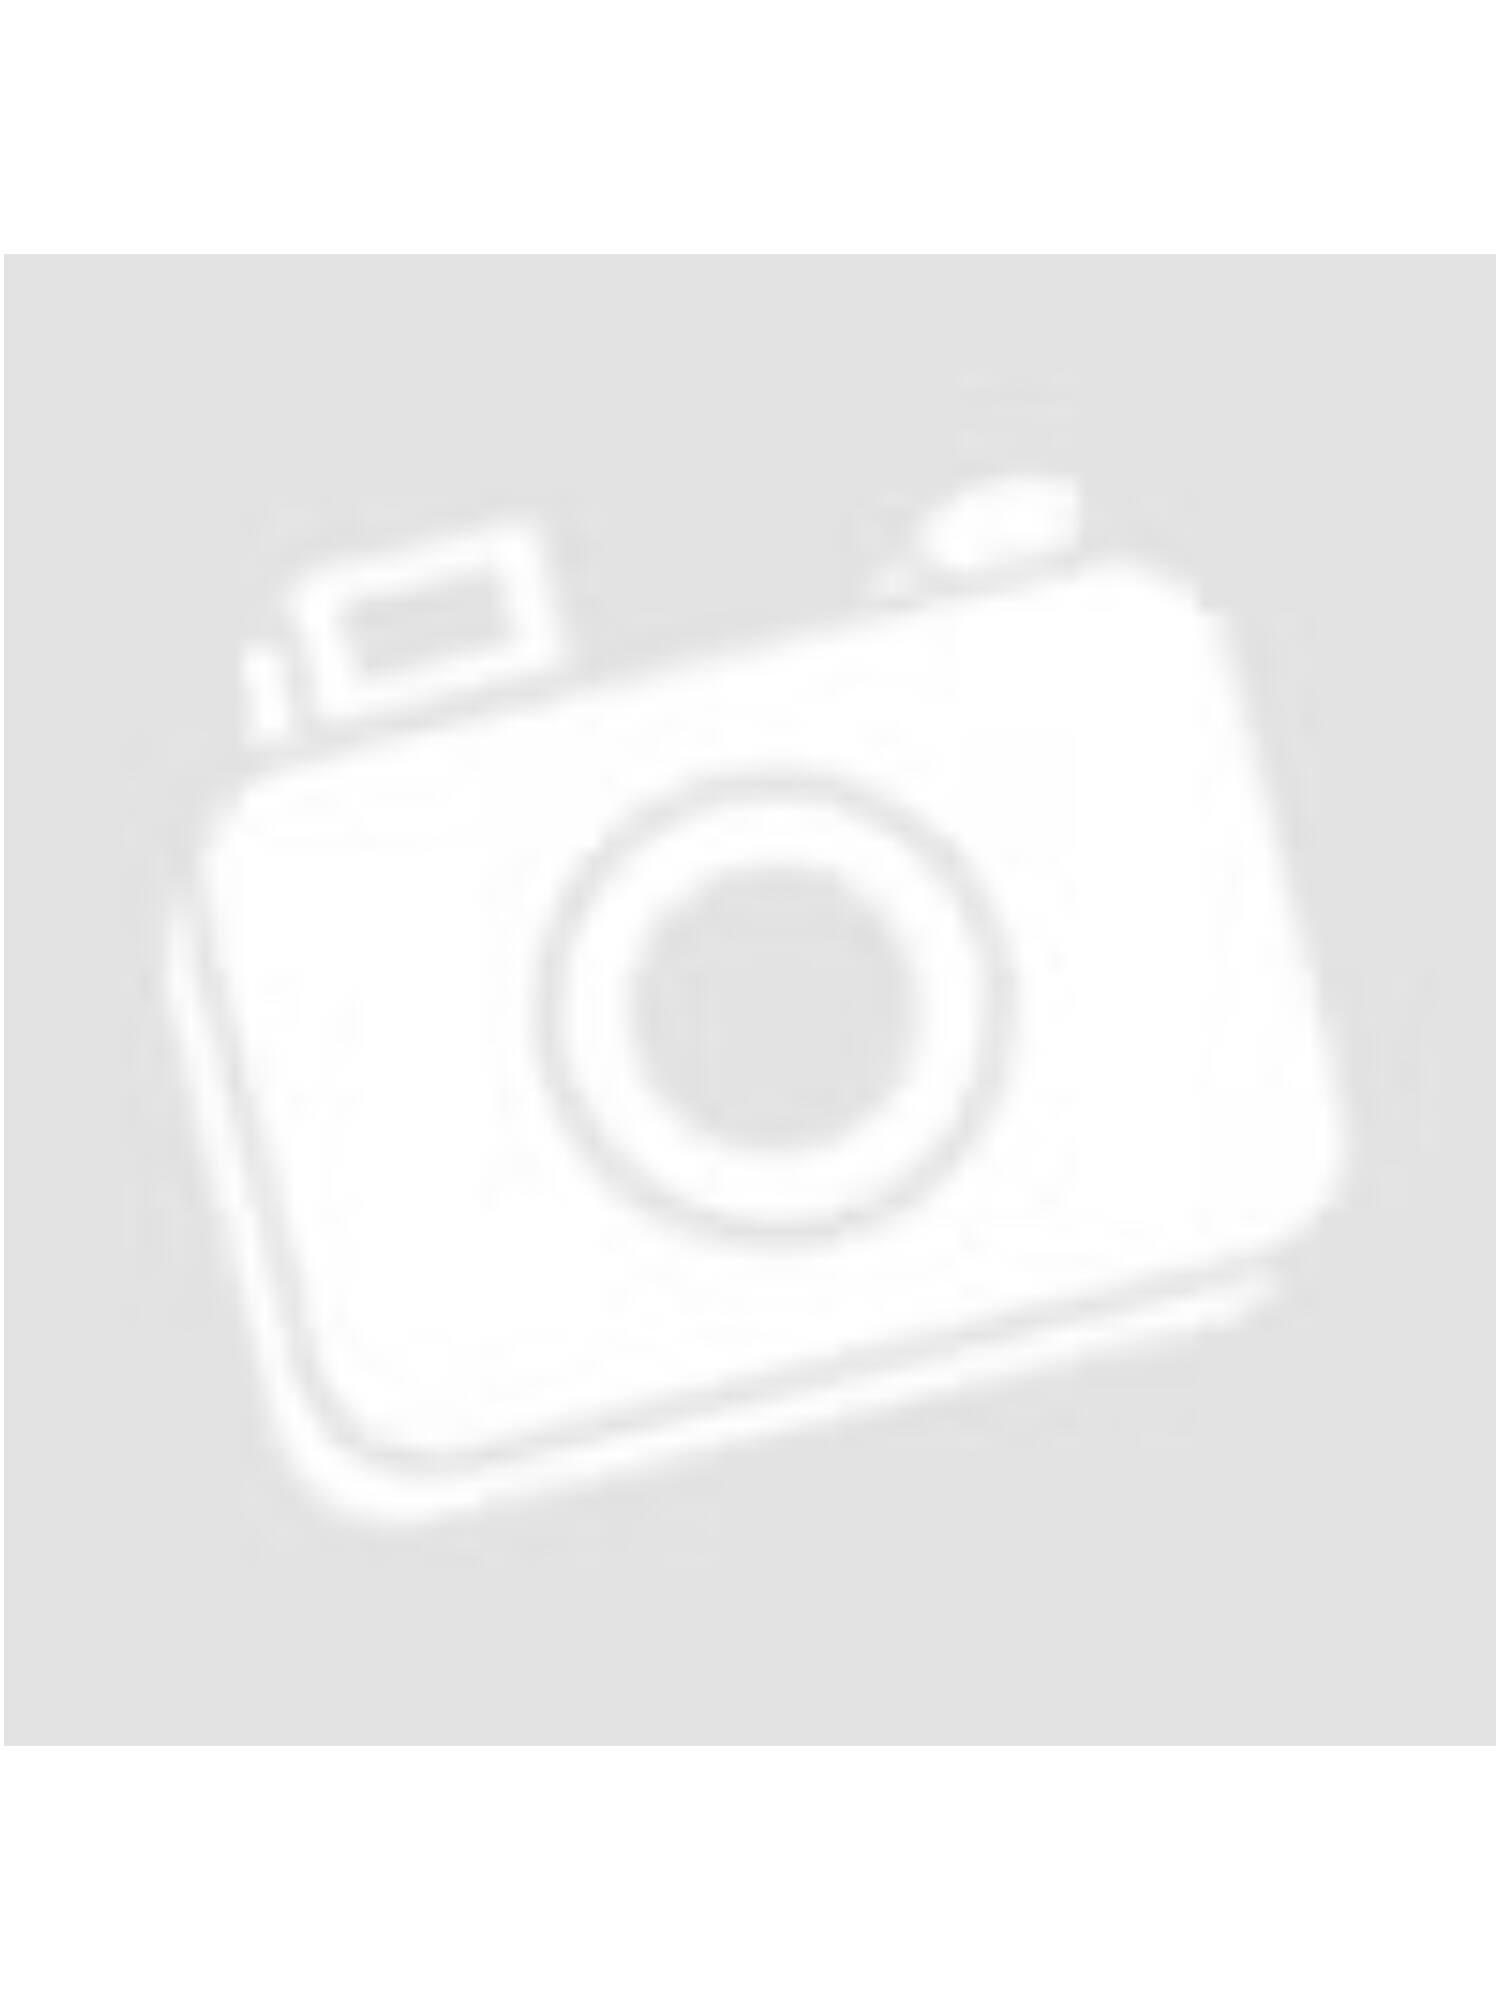 210ae4984d Arany gombos fehér zakó - Alkalmi ruha